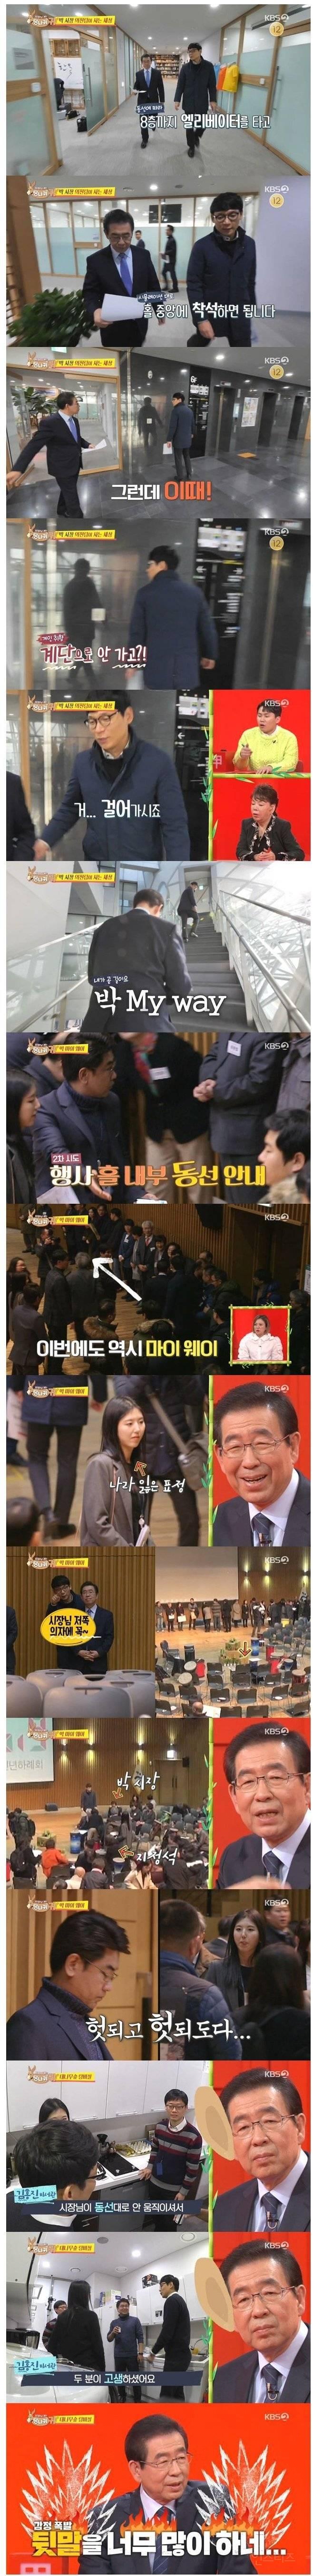 박원순 서울시장 비서관의 하루....jpg | 인스티즈